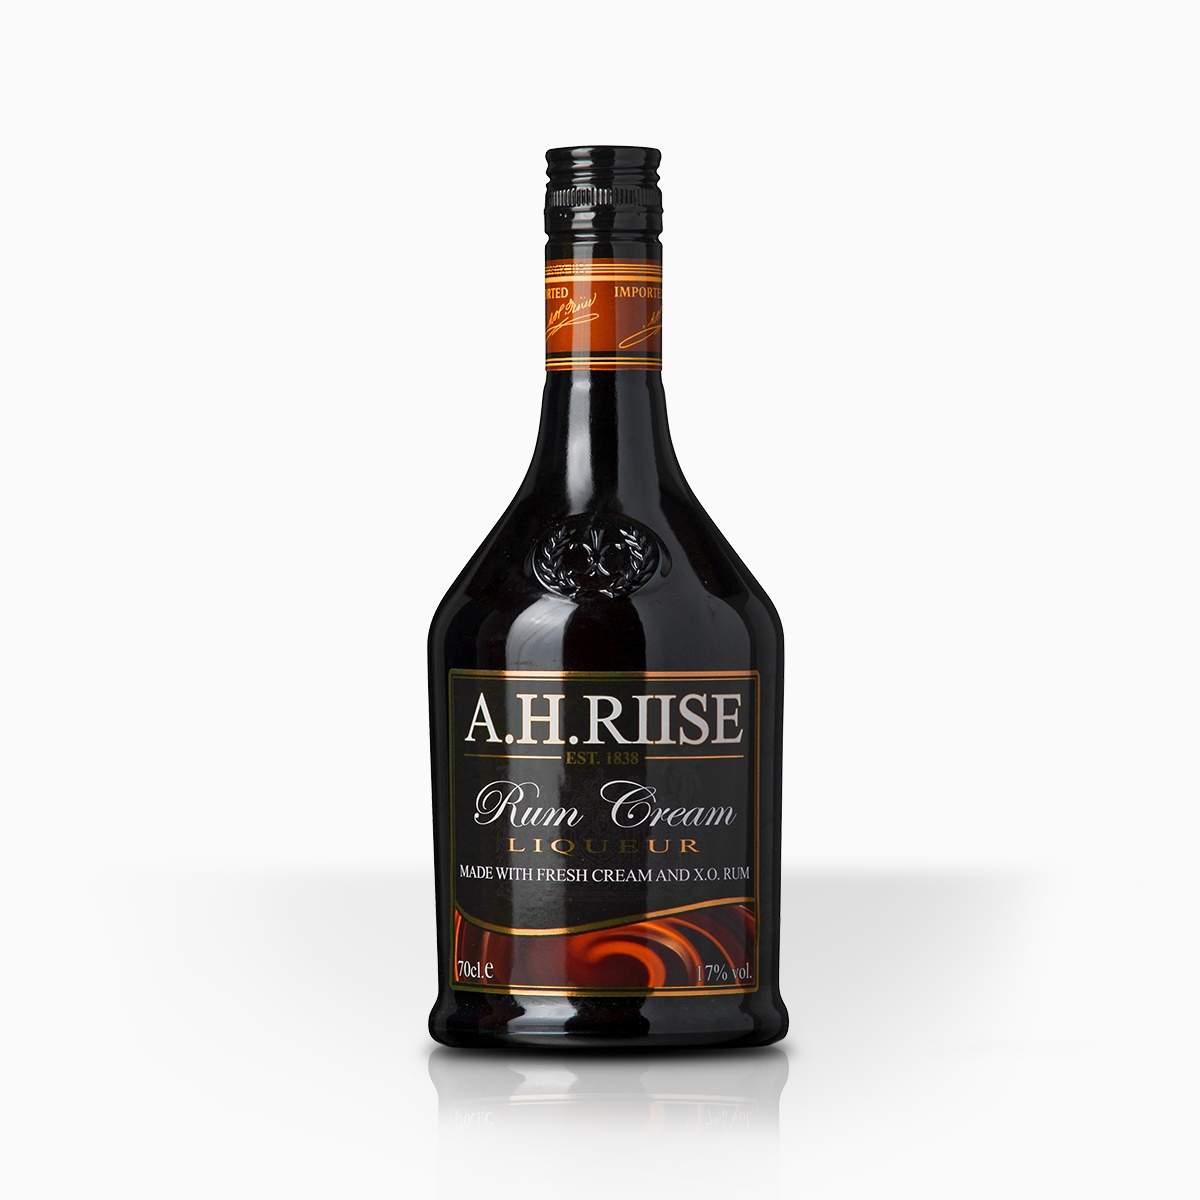 Likér A.H. Riise Rum Cream 17% 0,7l